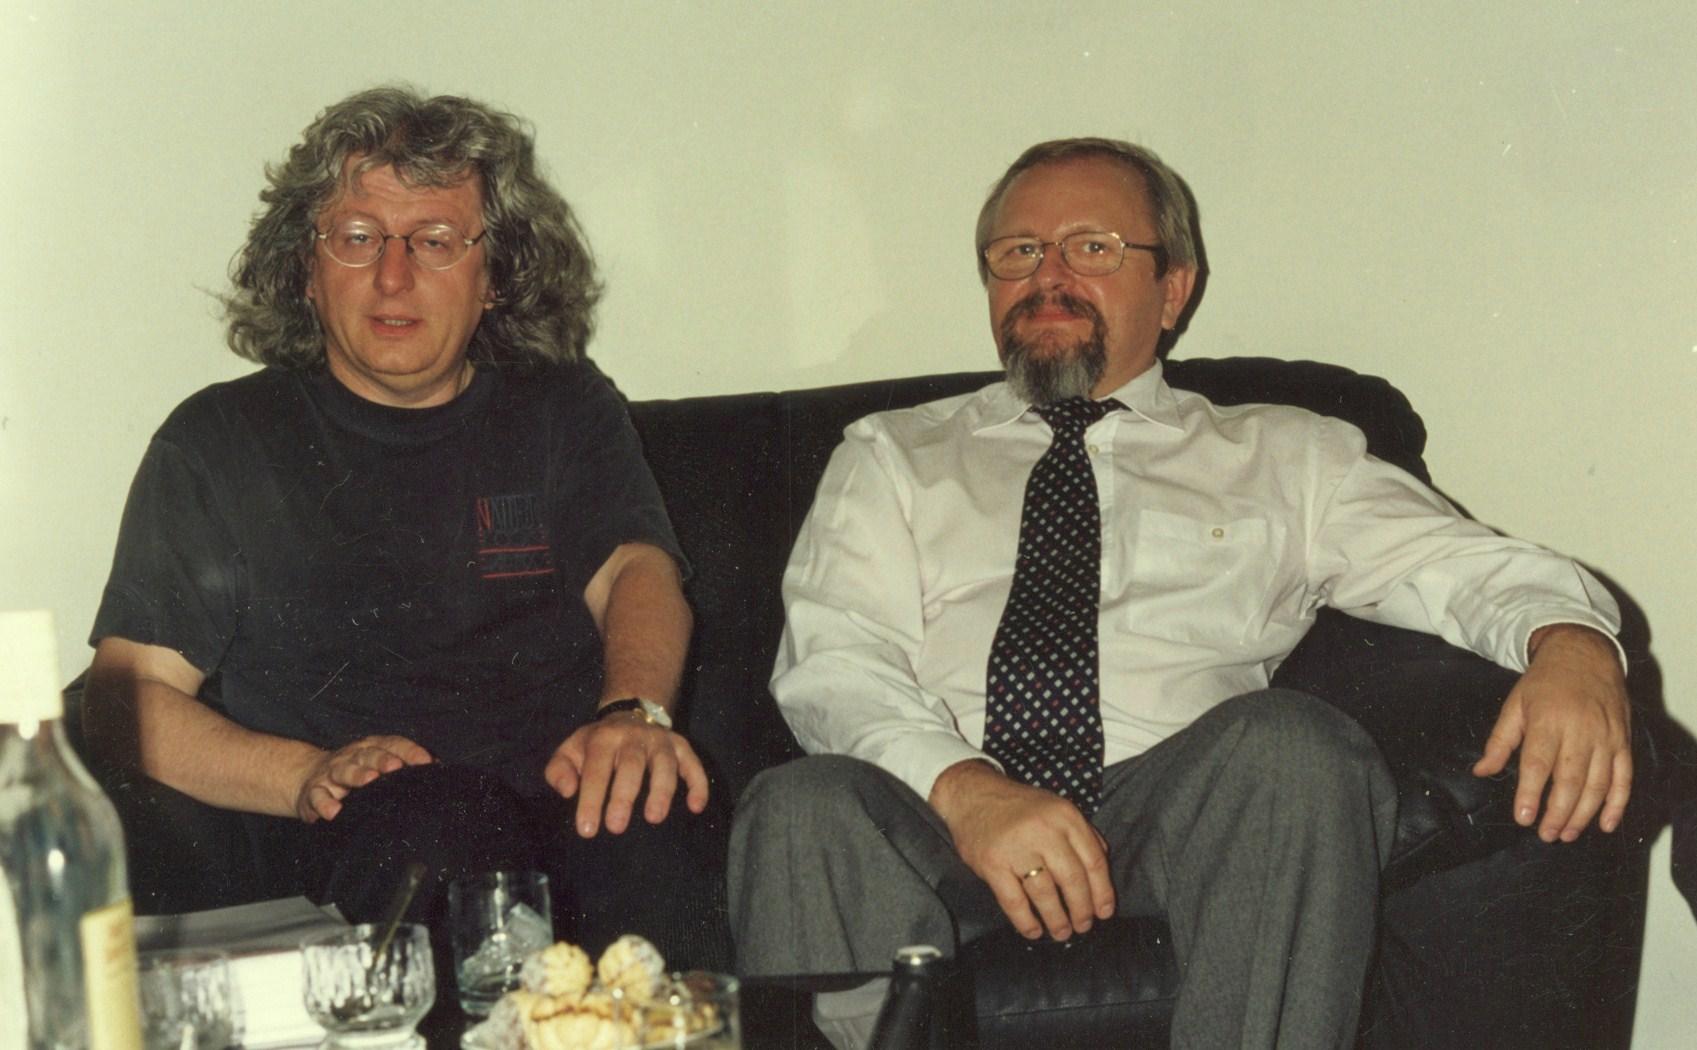 Bocsátom rendelkezésre ezt a képet, mert különben csak magamnak marad: igazgatója voltam a Szófiai Magyar Kulturális Intézetnek, midőn Esterházy Pétert 2000-ben meghívhattam bolgárul szinte egyszerre megjelenő három könyvének közös - több helyszínes - bemutatójára. A könyveket hárman fordították, előtte kötet Esterházytól Bulgáriában nem jelent meg, írásaiból csak lapközlések adtak addig ízelítőt. Így is volt már híre-neve. A Napútban közölt szövegcsokor kérdésekre adott válaszainak általa autorizált gyűjtése. Jobbára literátorok s egyetemisták adták az eleven légkörű találkozók közönségét. Péter kimondottan élvezte az együttléteket, a bulgáriai napokat. Másként nyílt meg az utak során előttem is - még a direktori bőrkanapé (a képen) matt komorságában is. (Szondi György)